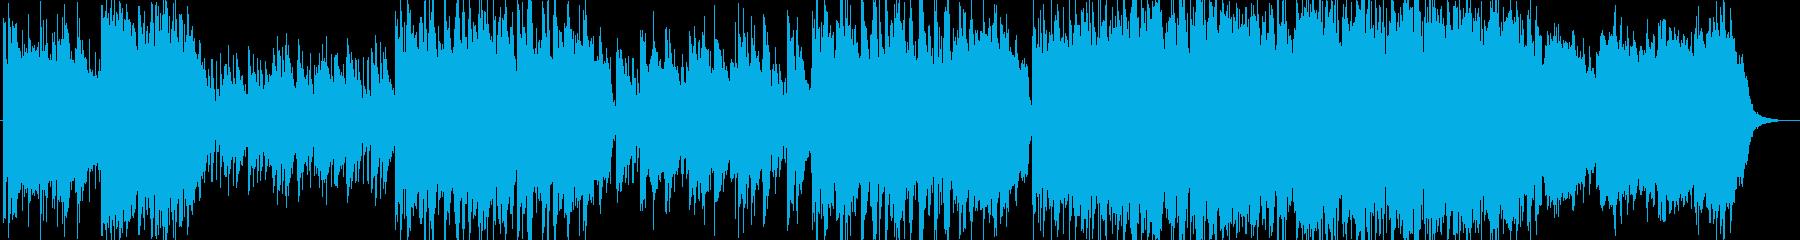 洋楽のような雰囲気のミディアムバラードの再生済みの波形